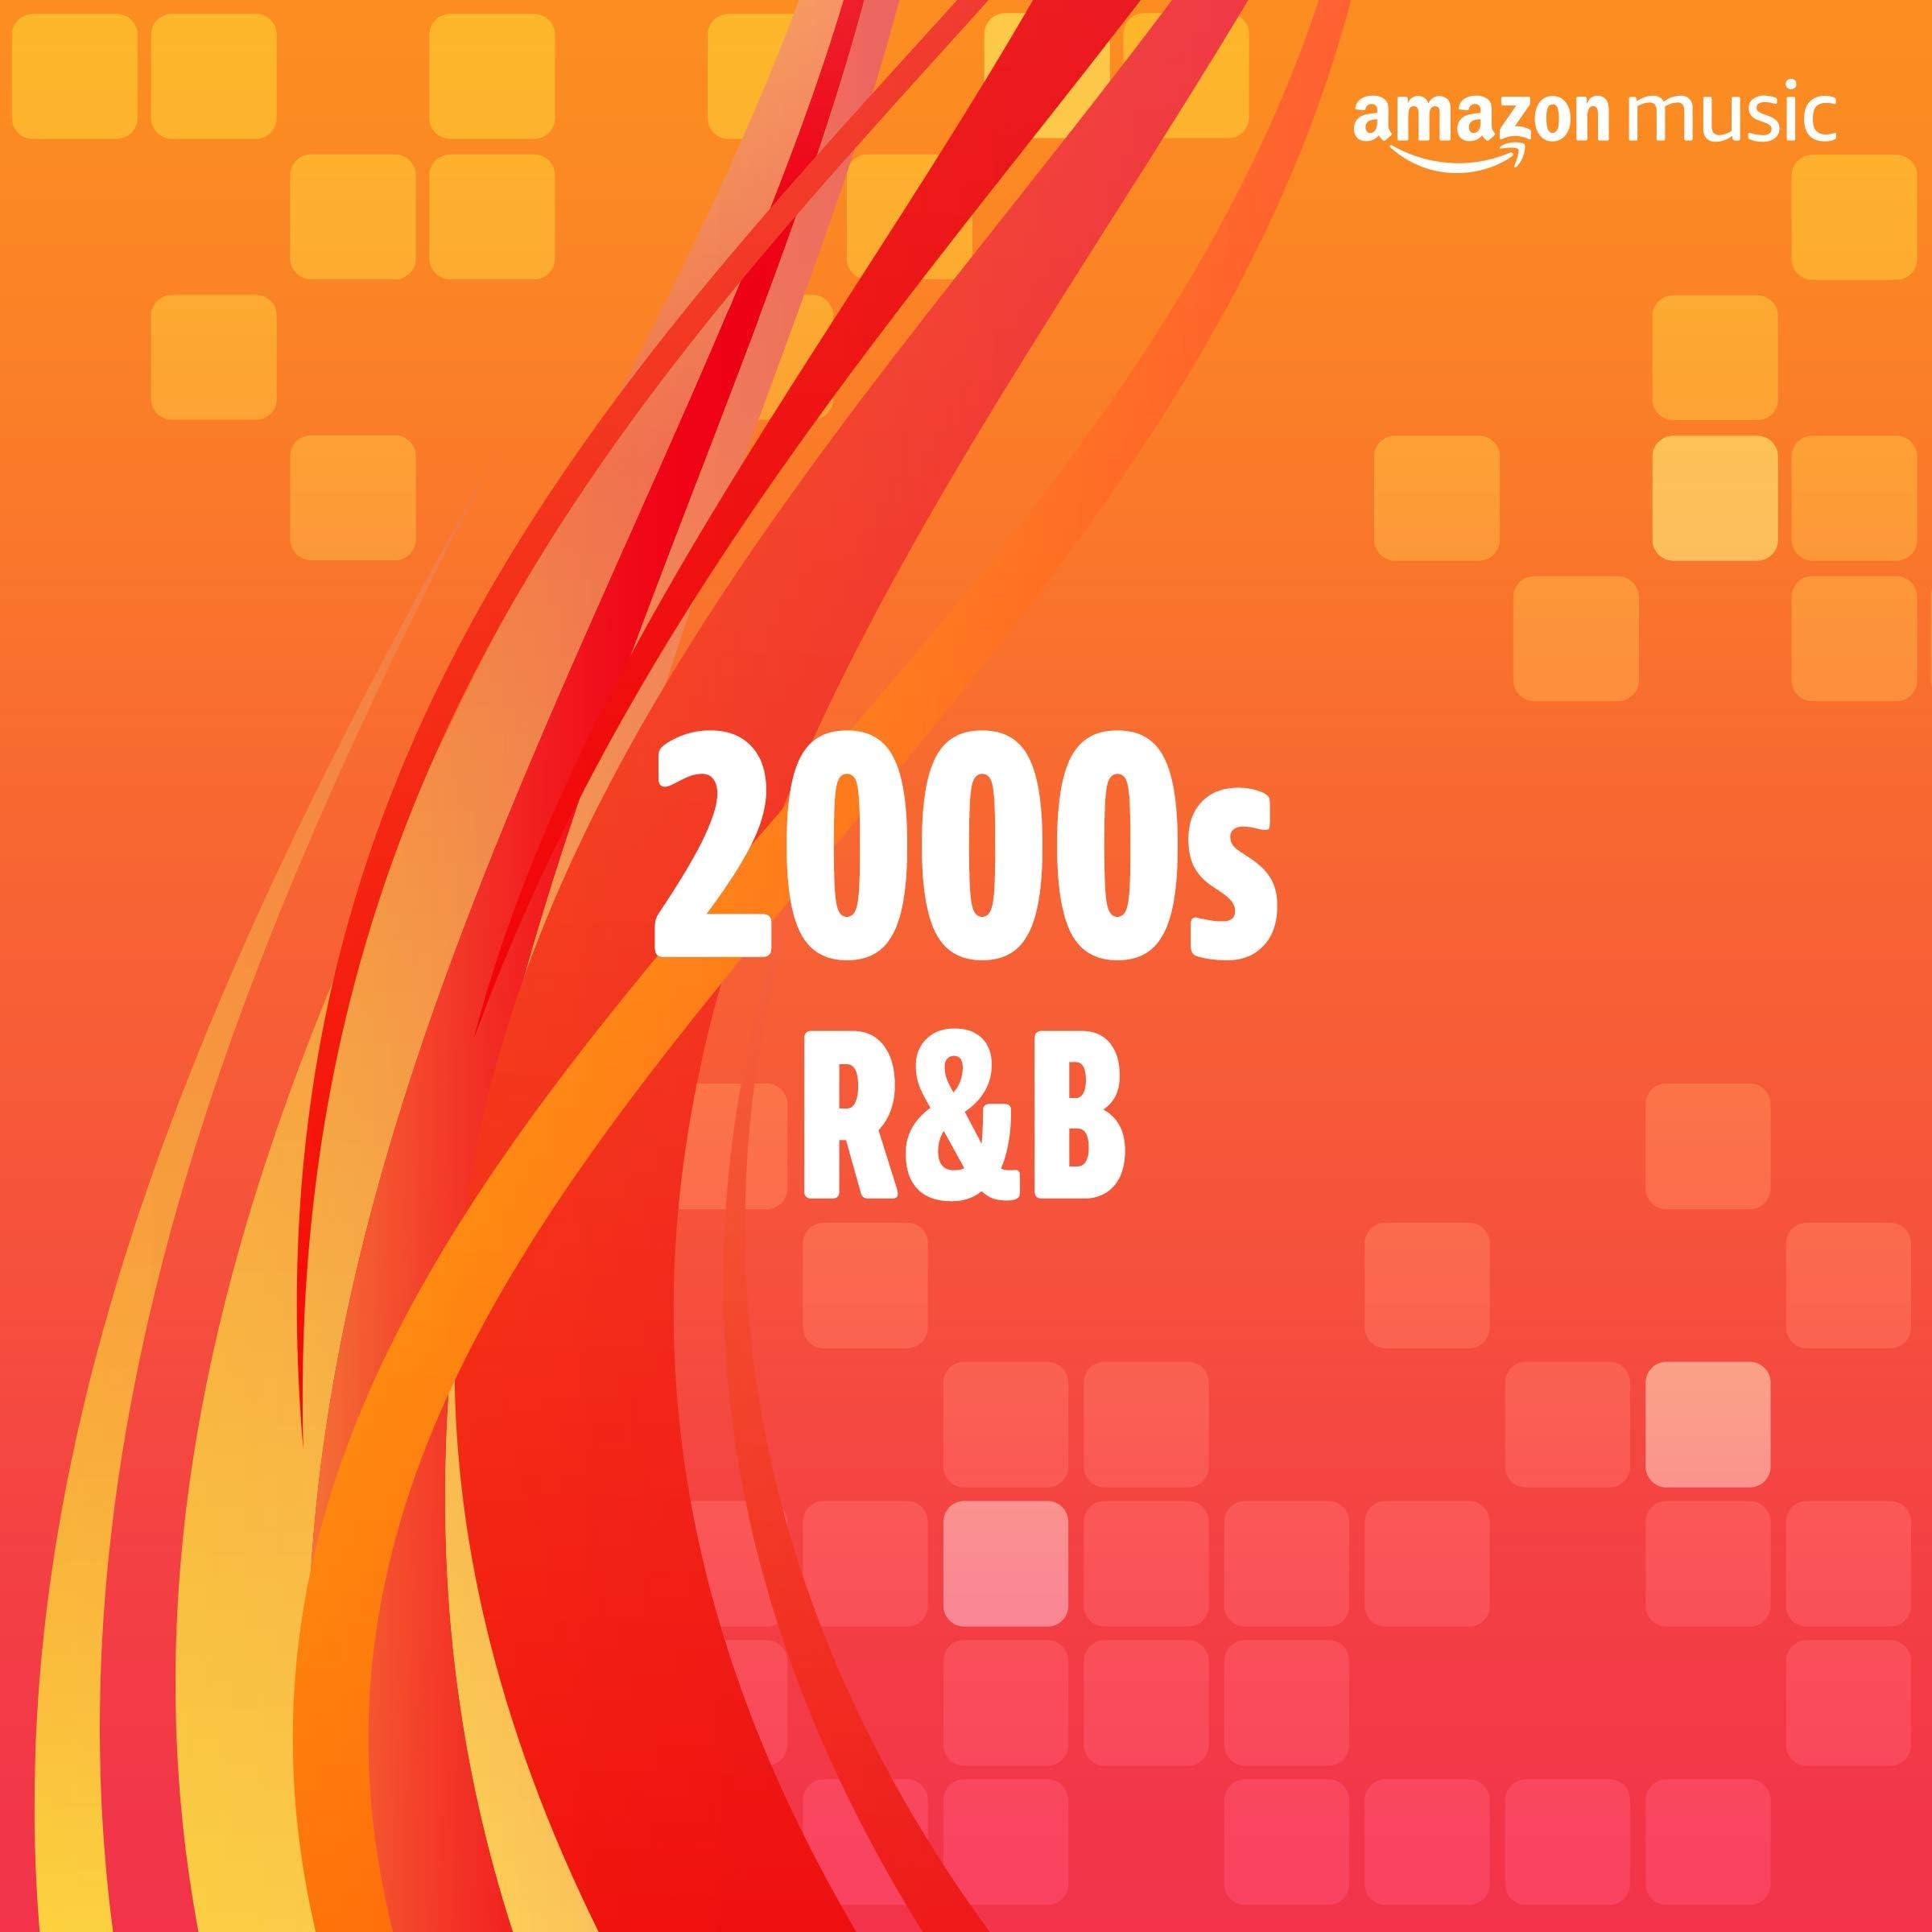 00s R&B